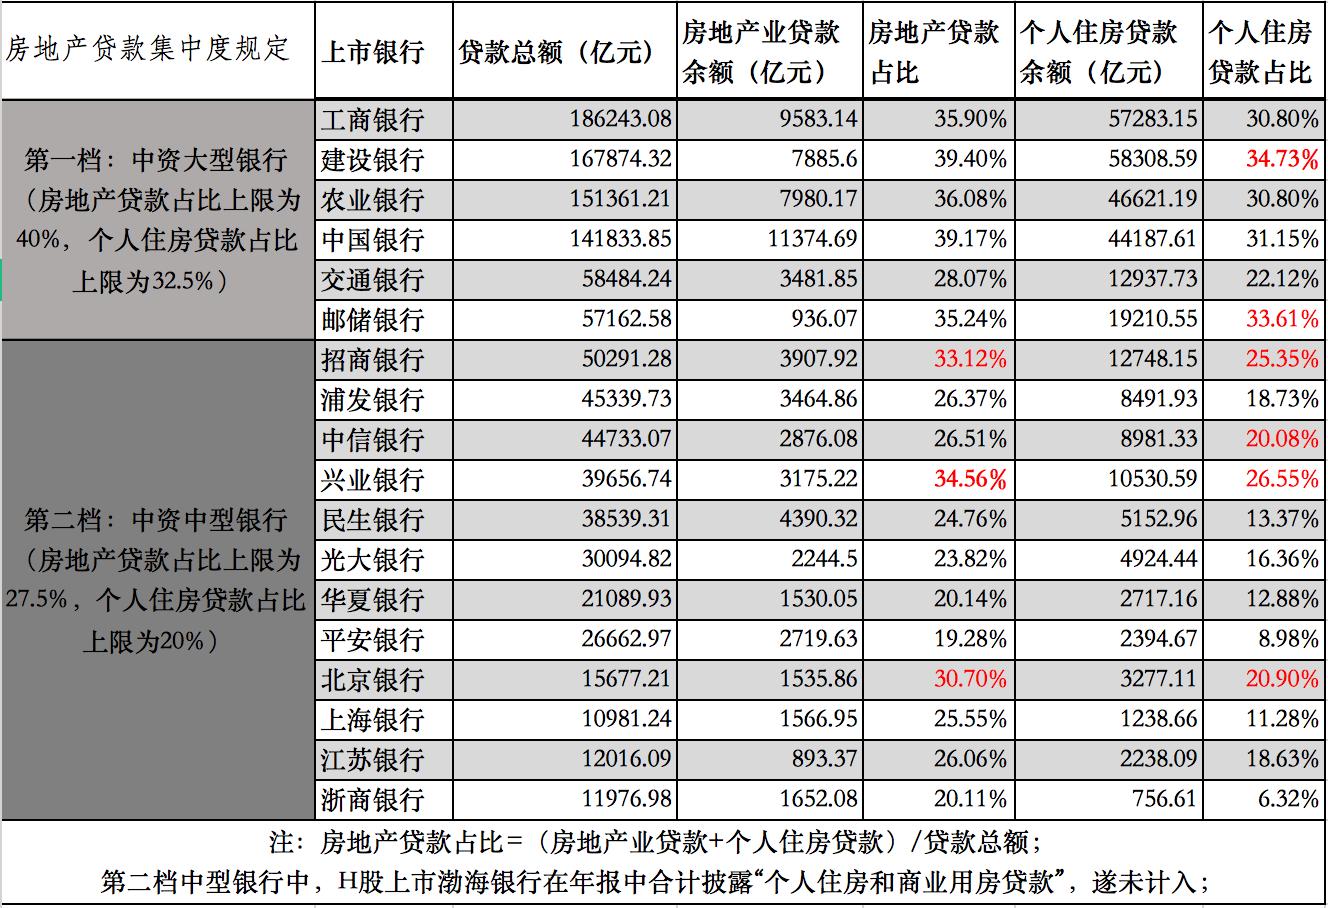 房地产贷款集中度新规影响几何:大中型银行中6家踩红线